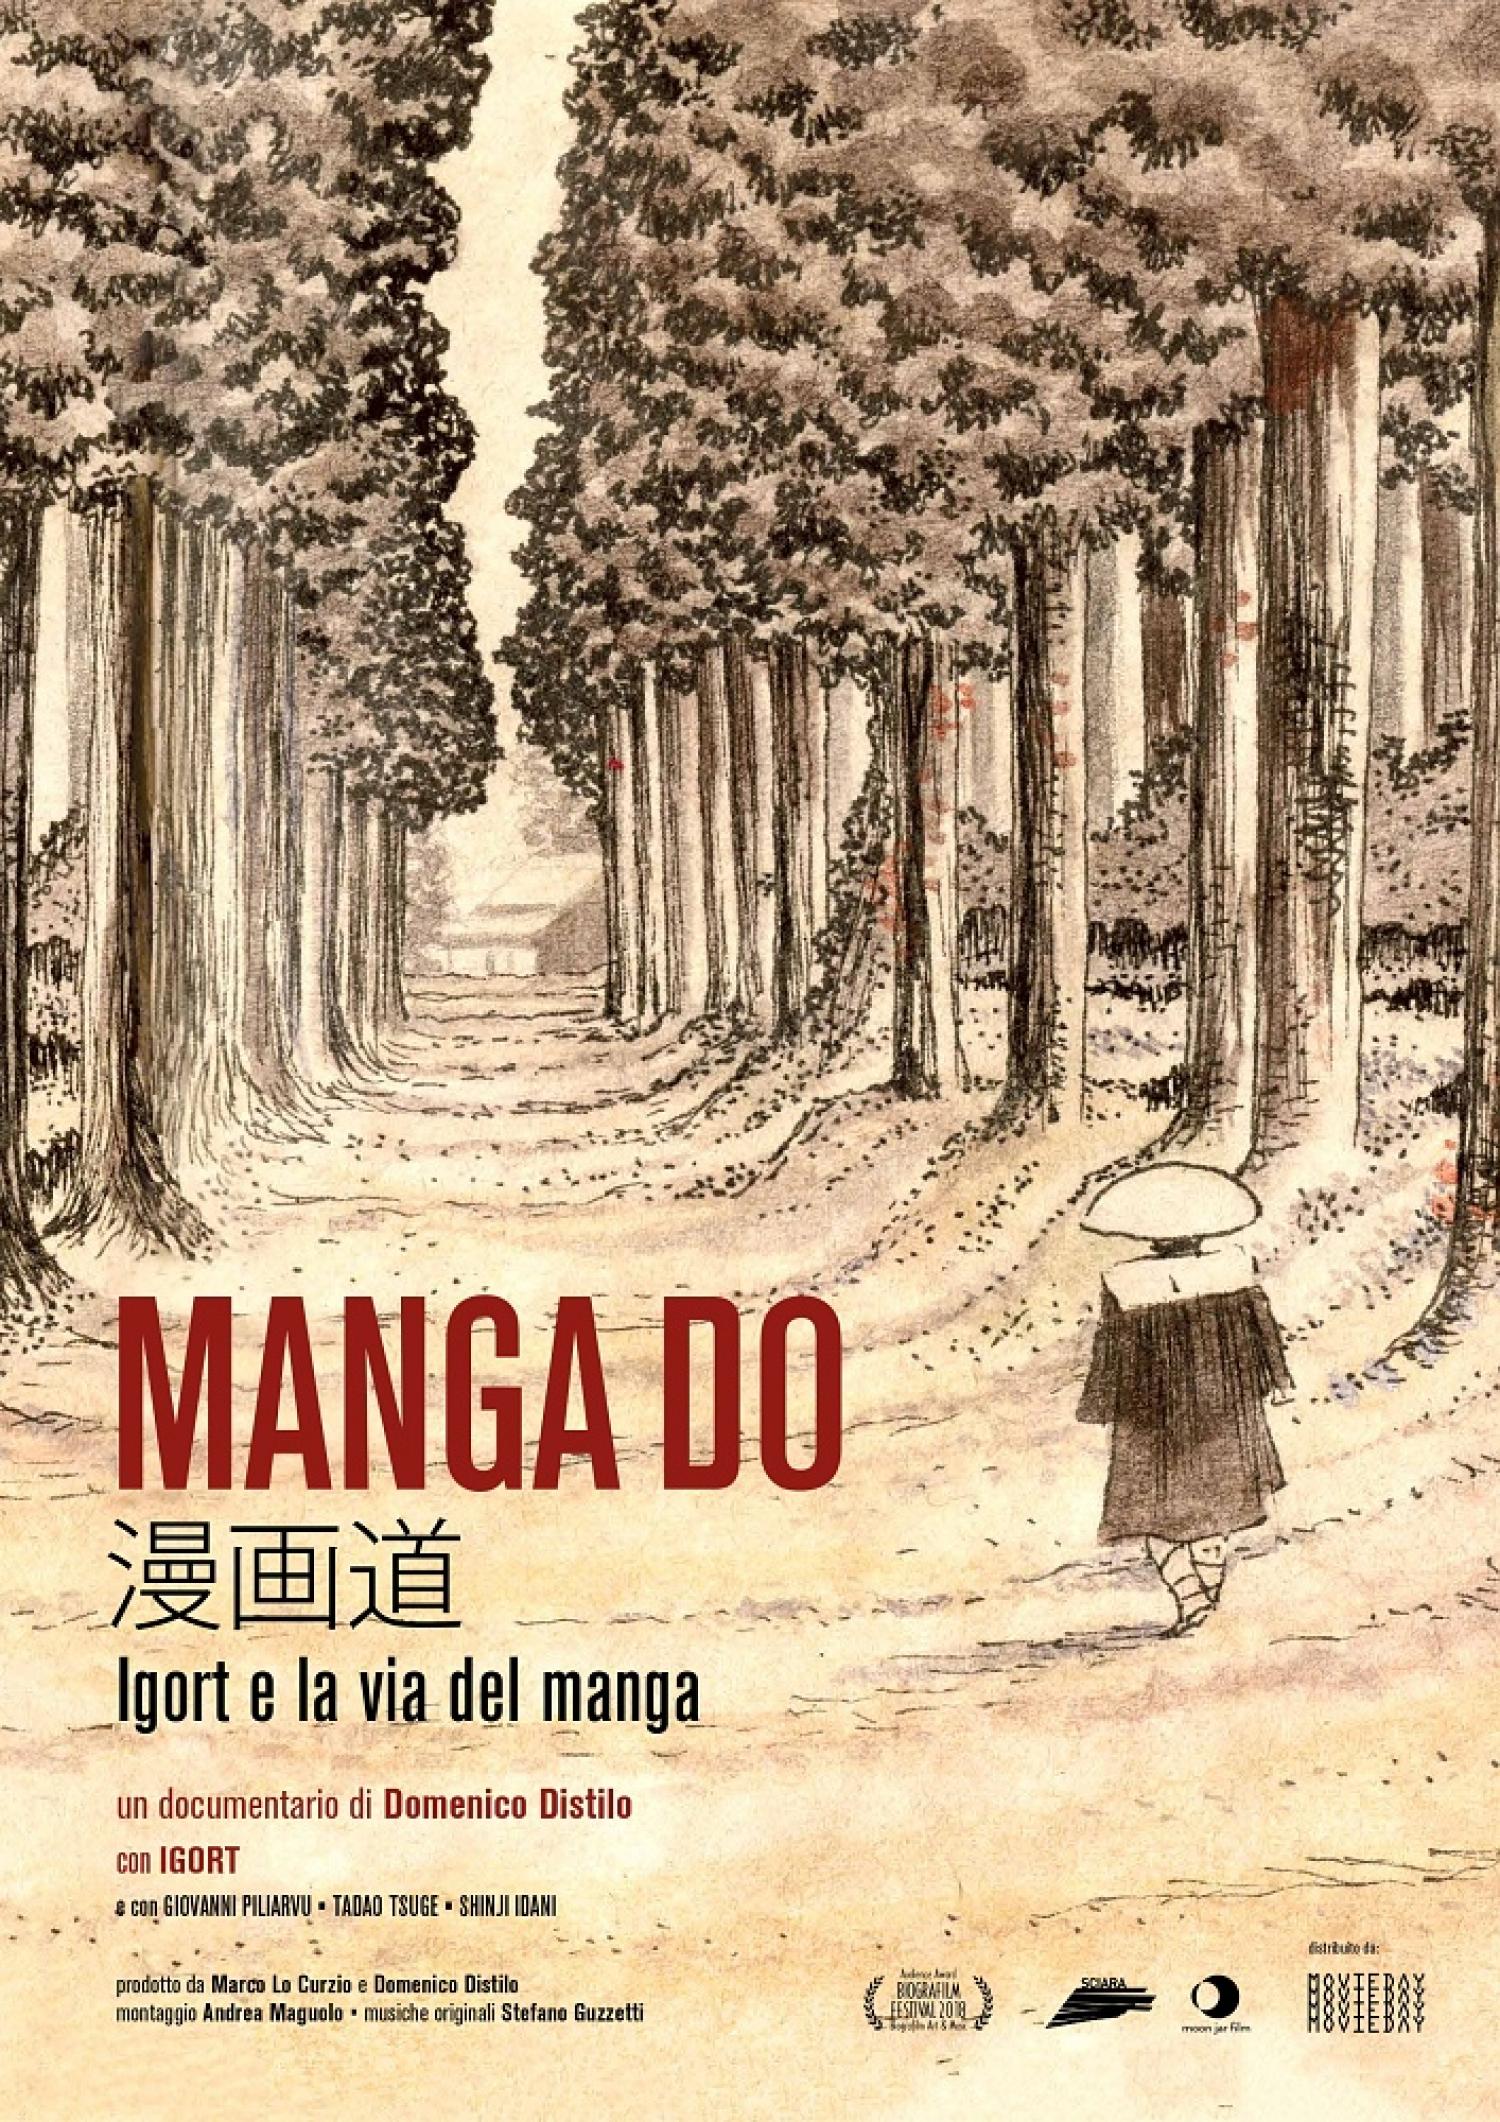 """<p><strong>Sabato 11 maggio alle ore 18:30 a WOW Spazio Fumetto avremo il piacere di ospitare - in collaborazione con Movie Day - la proiezione del <a target=""""_blank"""" href=""""http://www.movieday.it/event/event_details?event_id=2054"""">Manga Do. Igort e la via del manga</a></strong>: il documentario che racconta il viaggio di <a target=""""_blank"""" href=""""http://www.igort.com/"""">Igort</a>, importante autore italiano di graphic novel, nei luoghi fondativi della cultura giapponese. Il film porta lo spettatore sulla via del manga, dove per &lsquo;via&rsquo;, come nelle discipline orientali, si vuole intendere un percorso intrapreso per trasformare una tecnica, quella del racconto disegnato, in una pratica di perfezionamento. <strong>Per assistere alla proiezione del documentario &egrave; necessaria la <a target=""""_blank"""" href=""""http://www.movieday.it/event/event_details?event_id=2054"""">prenotazione del biglietto sul sito di Movie Day</a>.</strong> <strong>Igort</strong>, nome d&#39;arte di Igor Tuveri, &egrave; personalit&agrave; poliedrica di artista. Autore prolifico di graphic novel pluripremiate, illustratore ed editore, &egrave; anche autore di racconti, romanzi e musiche. &Egrave; stato il primo occidentale a disegnare un manga in Giappone e ha pubblicato su tutte le pi&ugrave; prestigiose riviste italiane e internazionali. Nutrendosi di lunghe permanenze in Giappone e nei paesi dell&#39;ex Unione Sovietica, ha maturato uno stile espressivo che unisce la peculiarit&agrave; del graphic novel, di cui &egrave; maestro riconosciuto e del graphic journalism, diventando una voce tra le pi&ugrave; originali del panorama artistico internazionale. Premiato al Comicon come migliore disegnatore del 2016, a Lucca Comics come migliore autore 2016, Premio Napoli per la diffusione della cultura italiana, Premio Romics alla carriera 2017.</p>"""